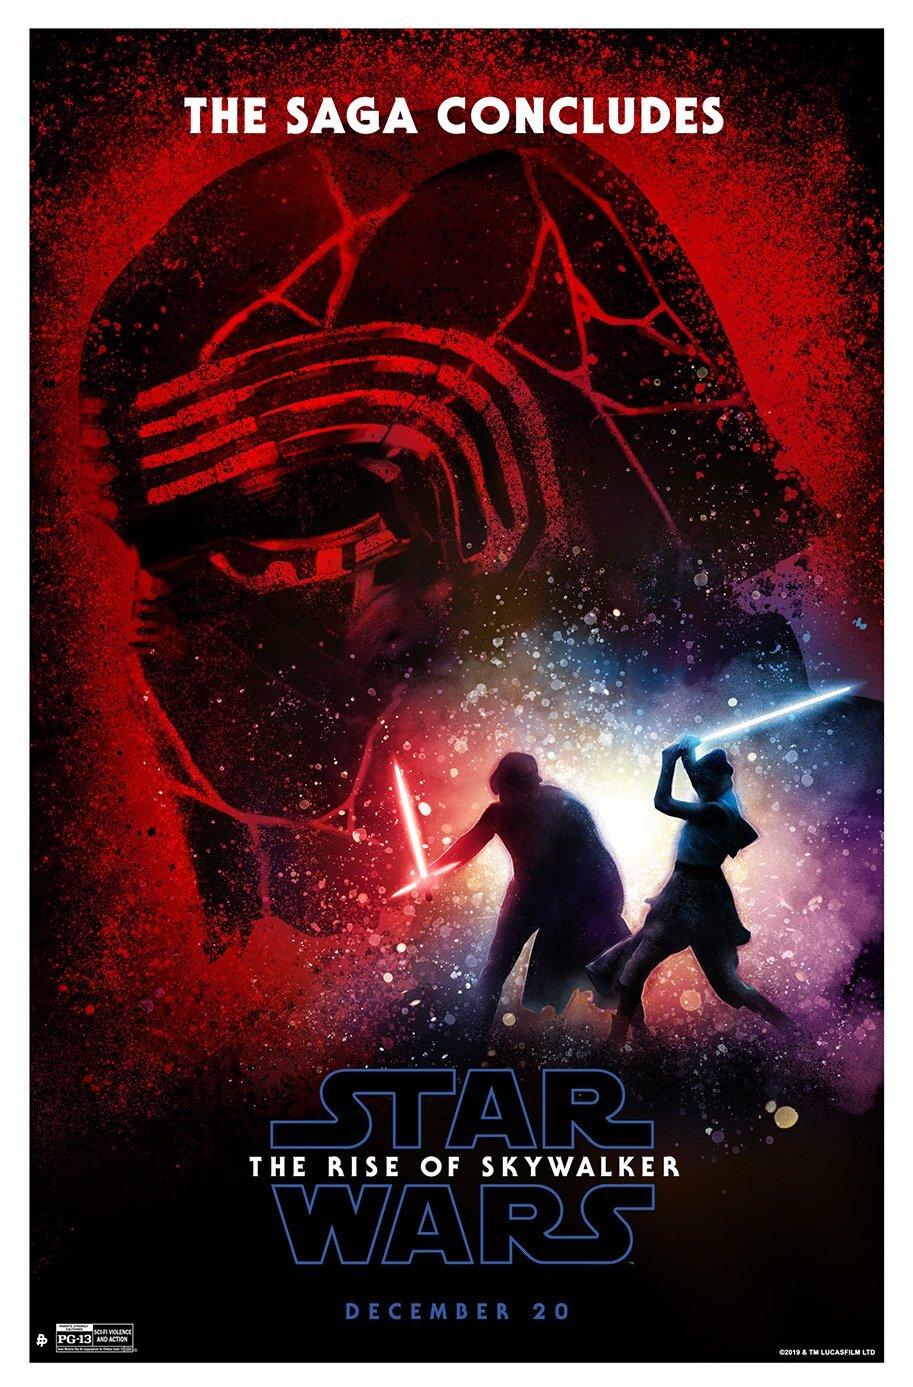 the-rise-of-skywalker-revenge-poster-913.jpg